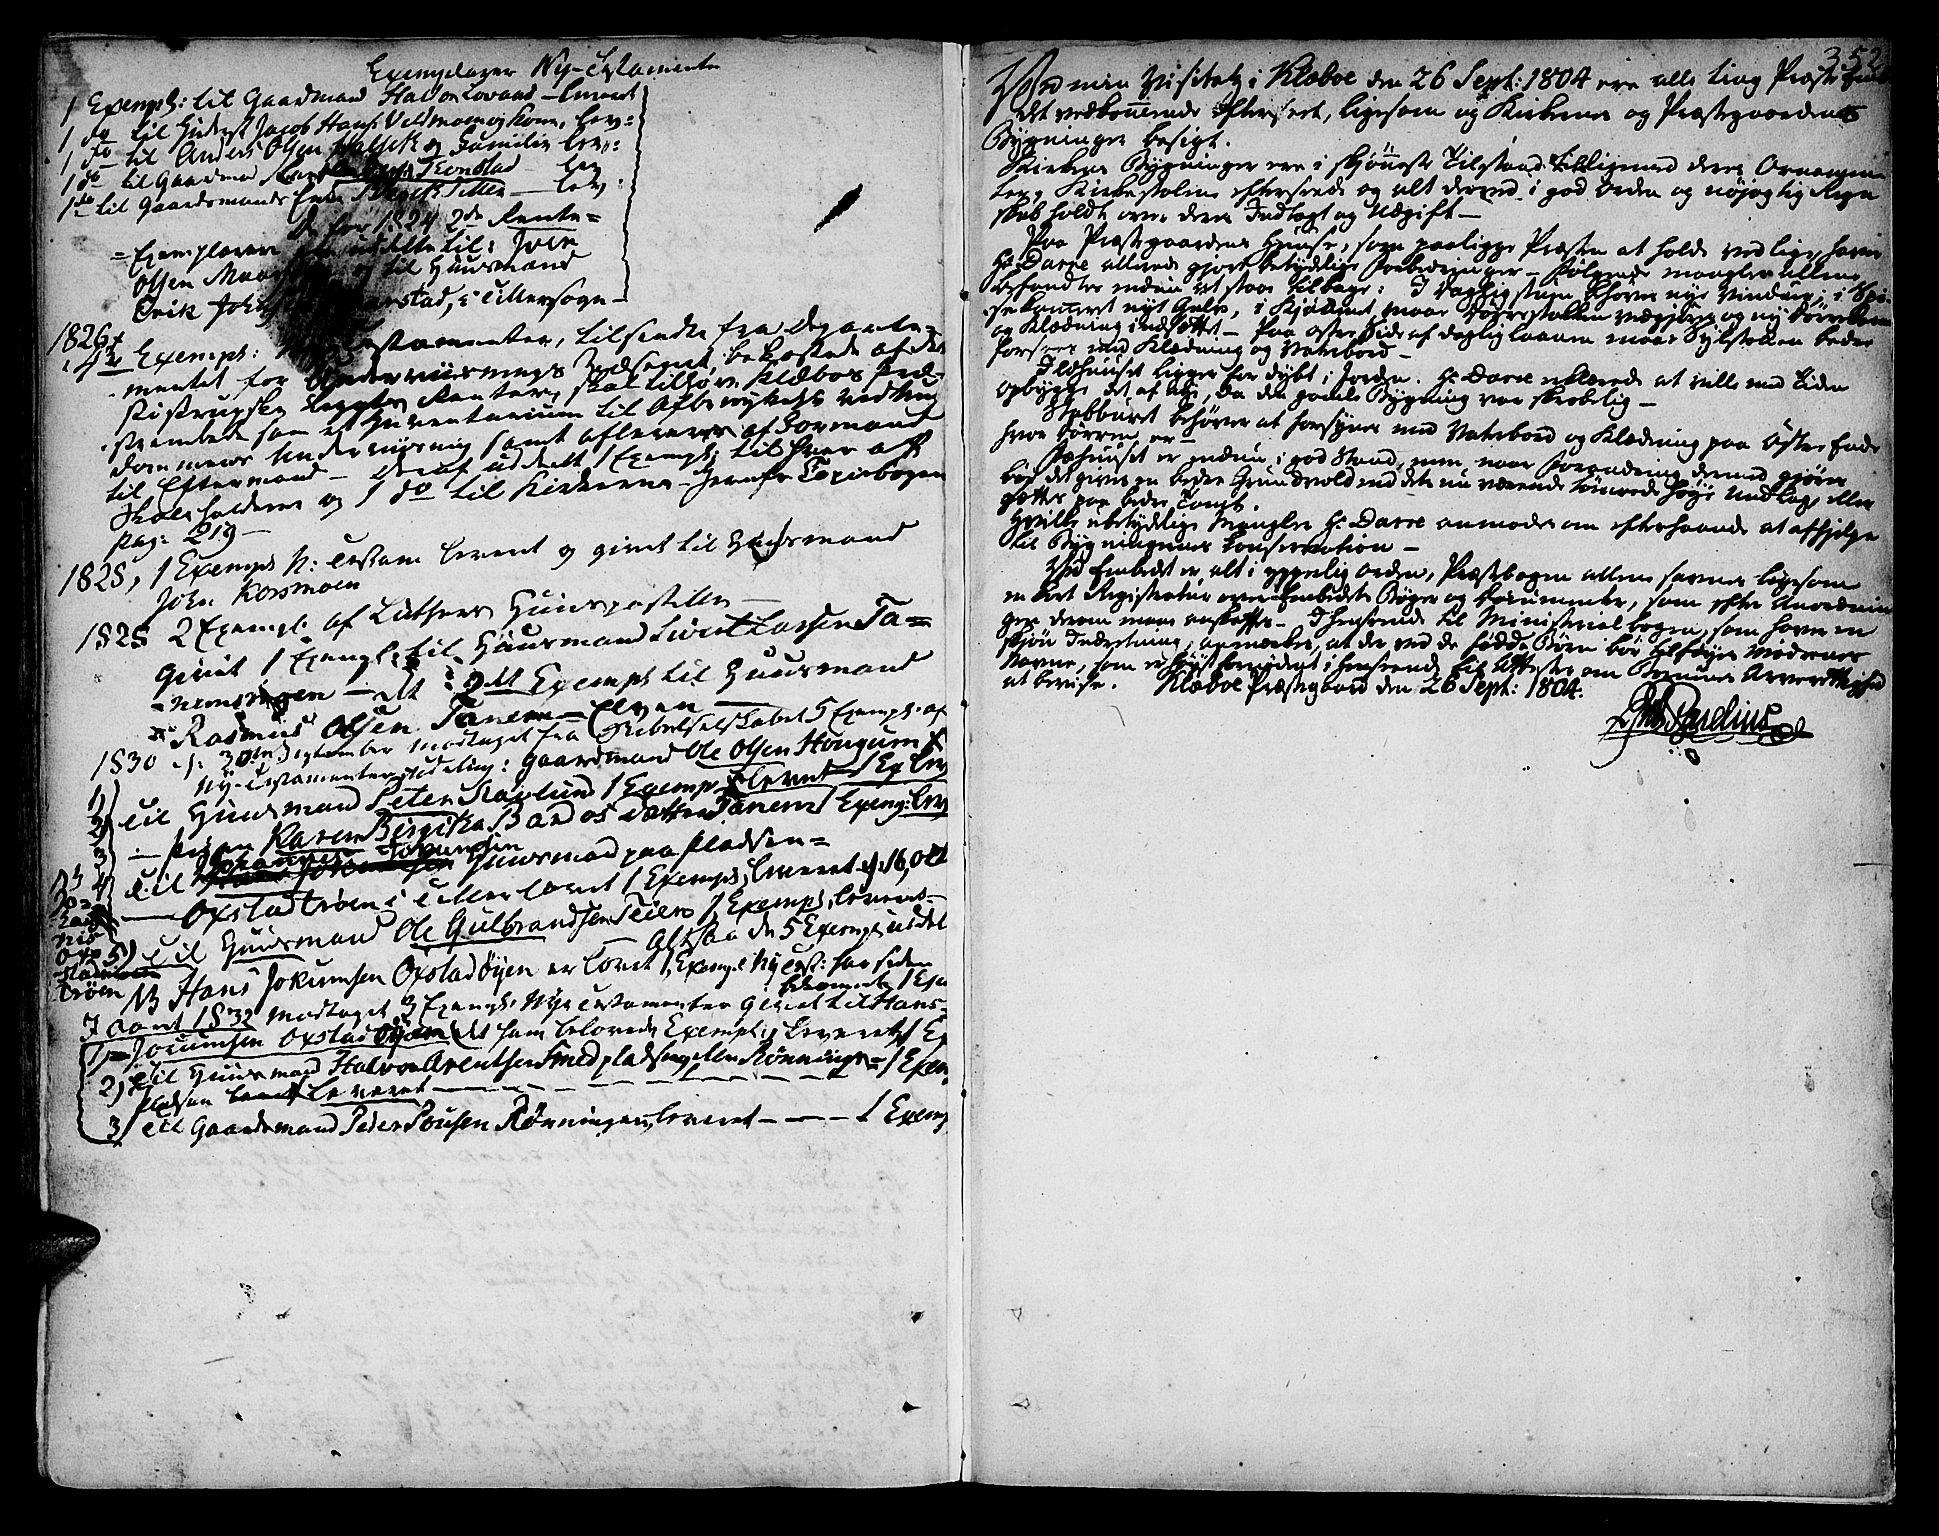 SAT, Ministerialprotokoller, klokkerbøker og fødselsregistre - Sør-Trøndelag, 618/L0438: Ministerialbok nr. 618A03, 1783-1815, s. 352